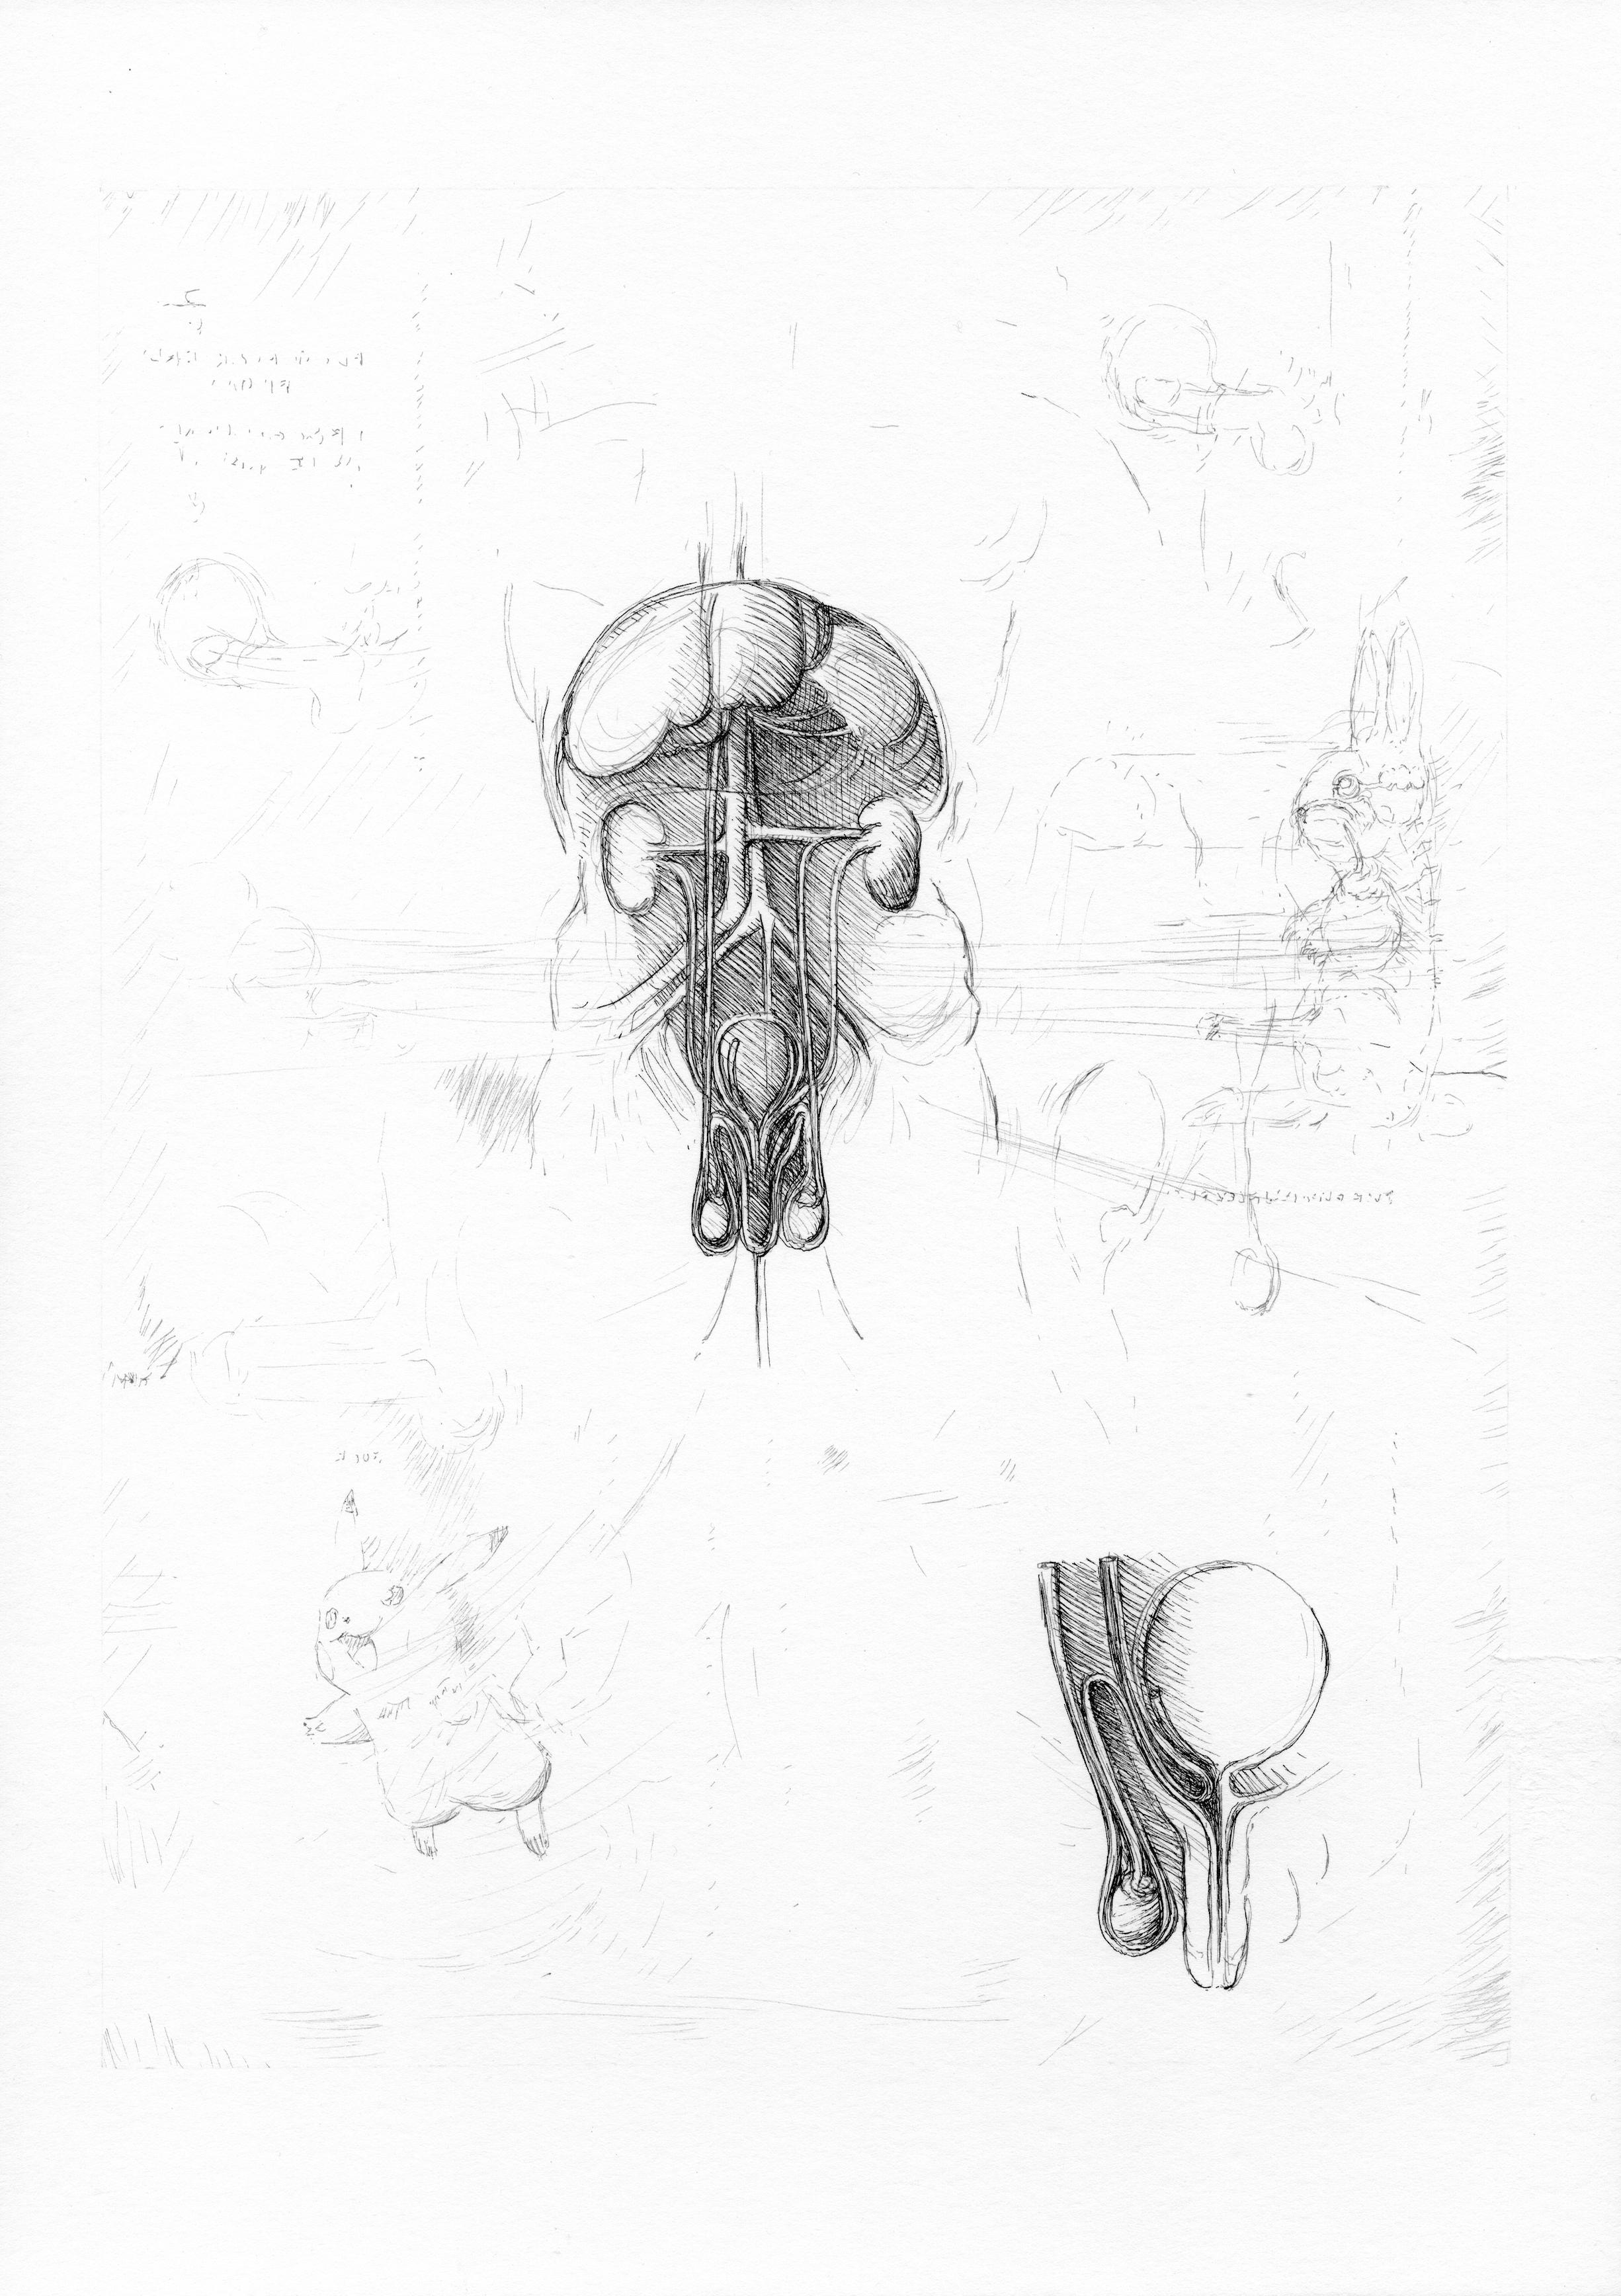 """© Nicolas Darrot, """"Sans titre"""" (084L), encre de Chine sur papier, 39,7x42 cm, 2019."""